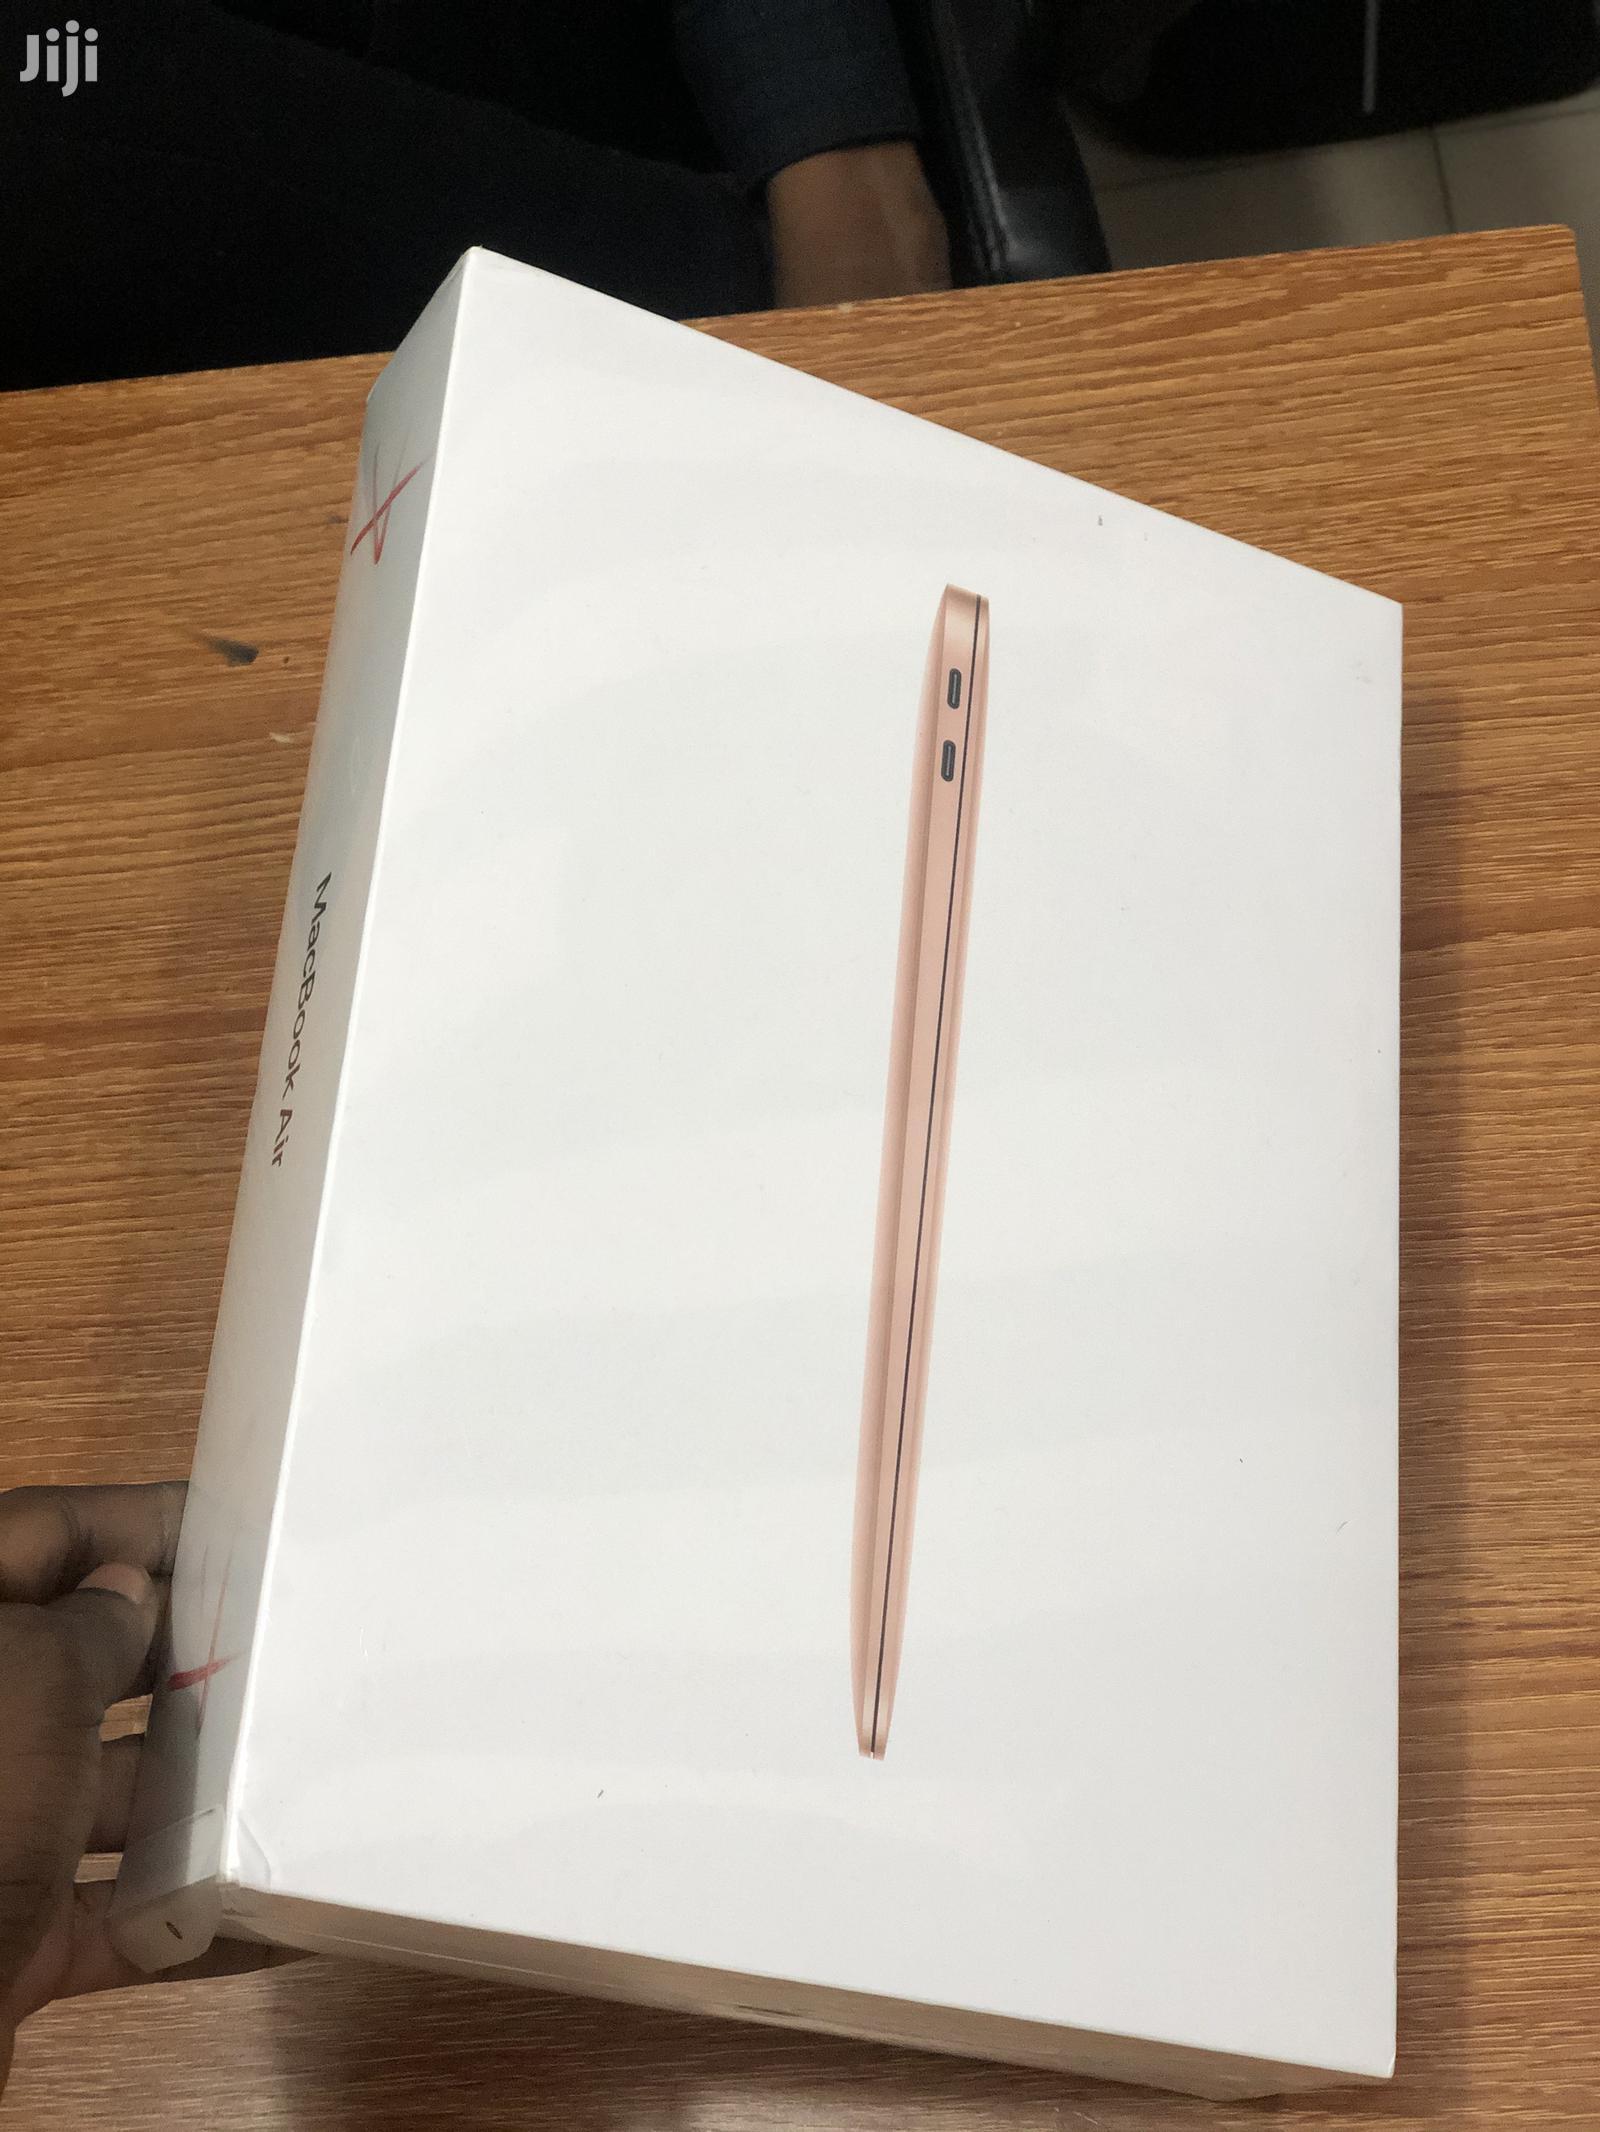 New Laptop Apple MacBook Air 8GB Intel Core i3 SSD 256GB